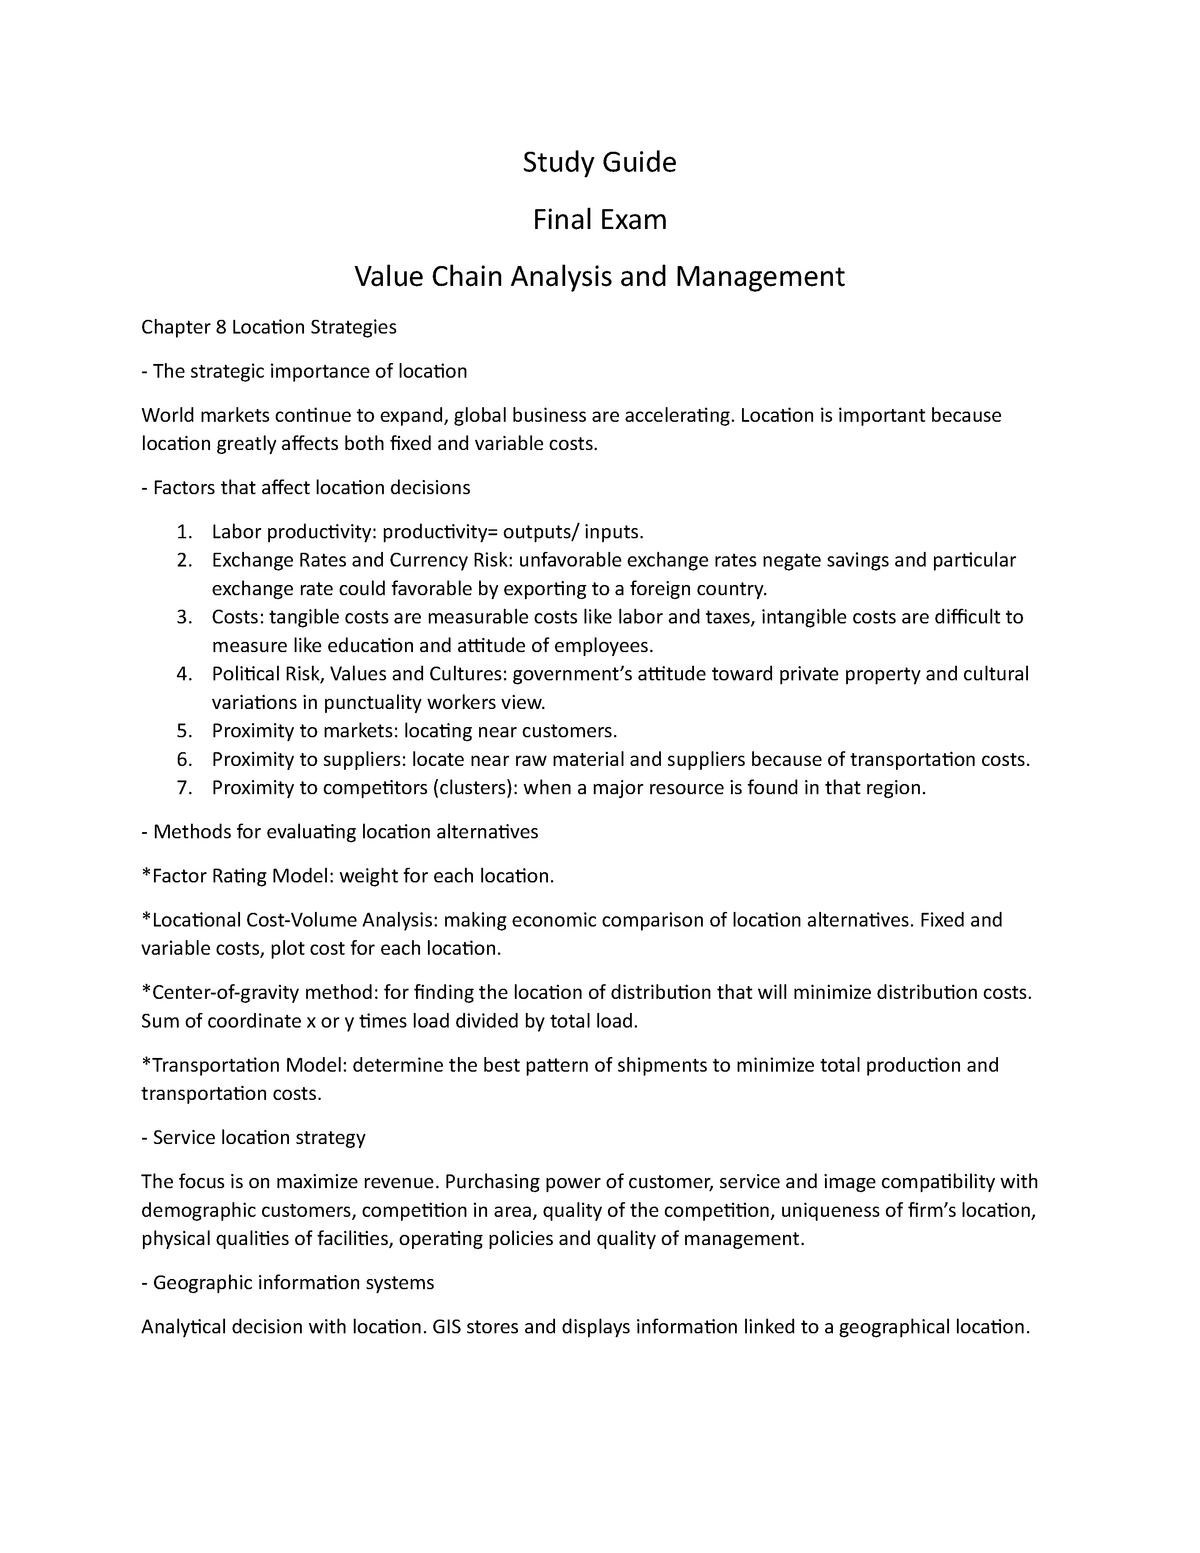 Exam 2016 - NI2018: Análisis y administración de la cadena de valor